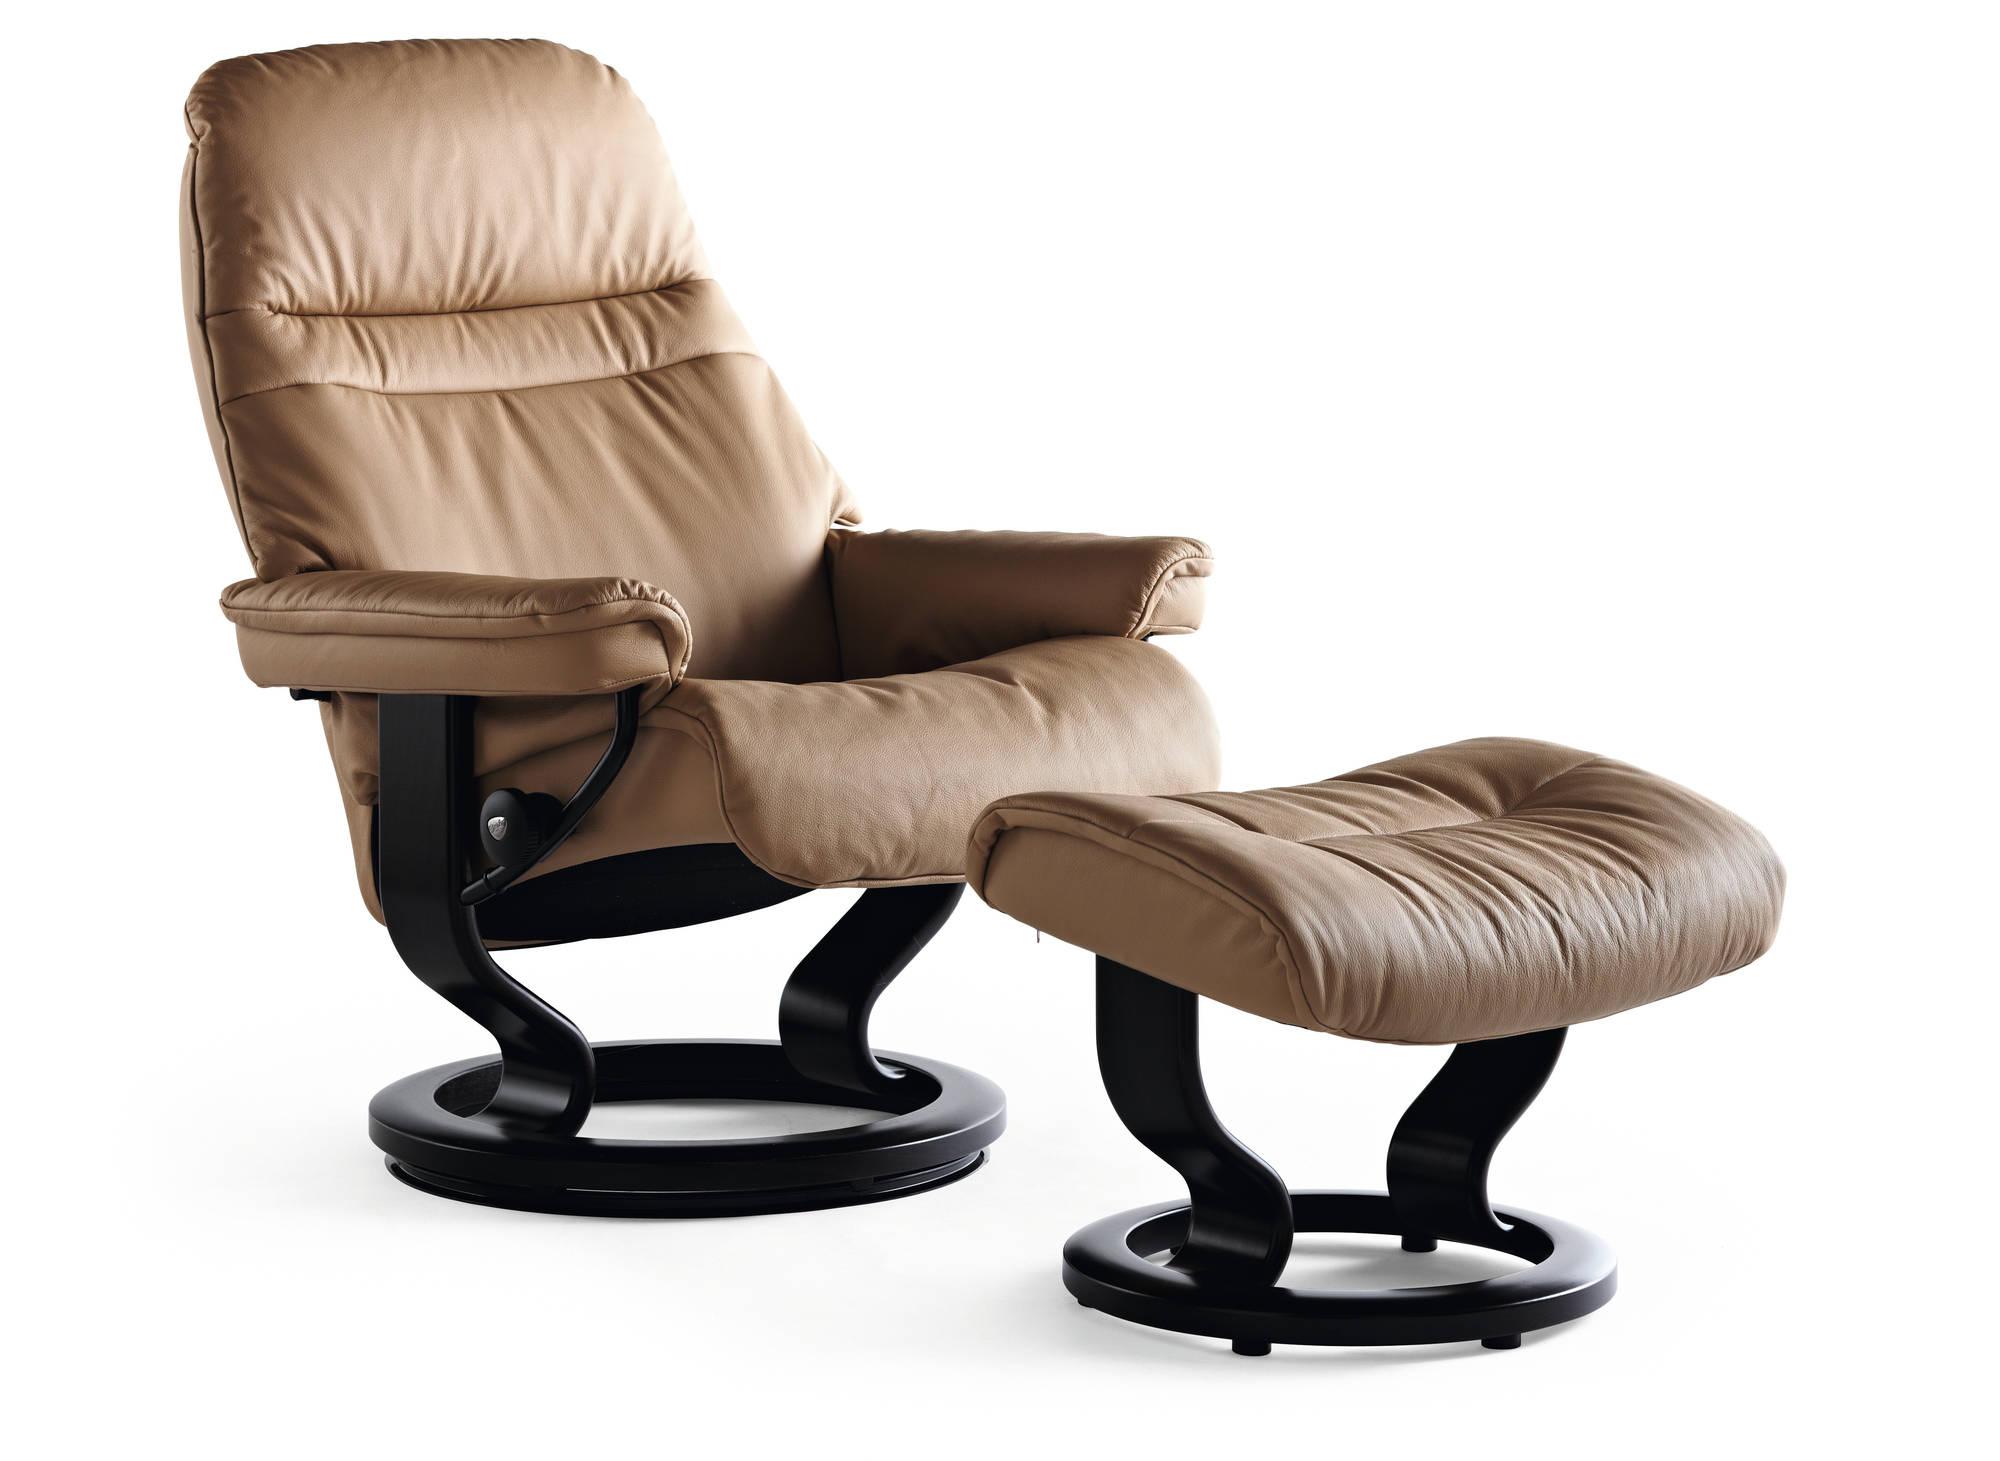 Ekornes Stressless Recliners Scandinavian Chairs